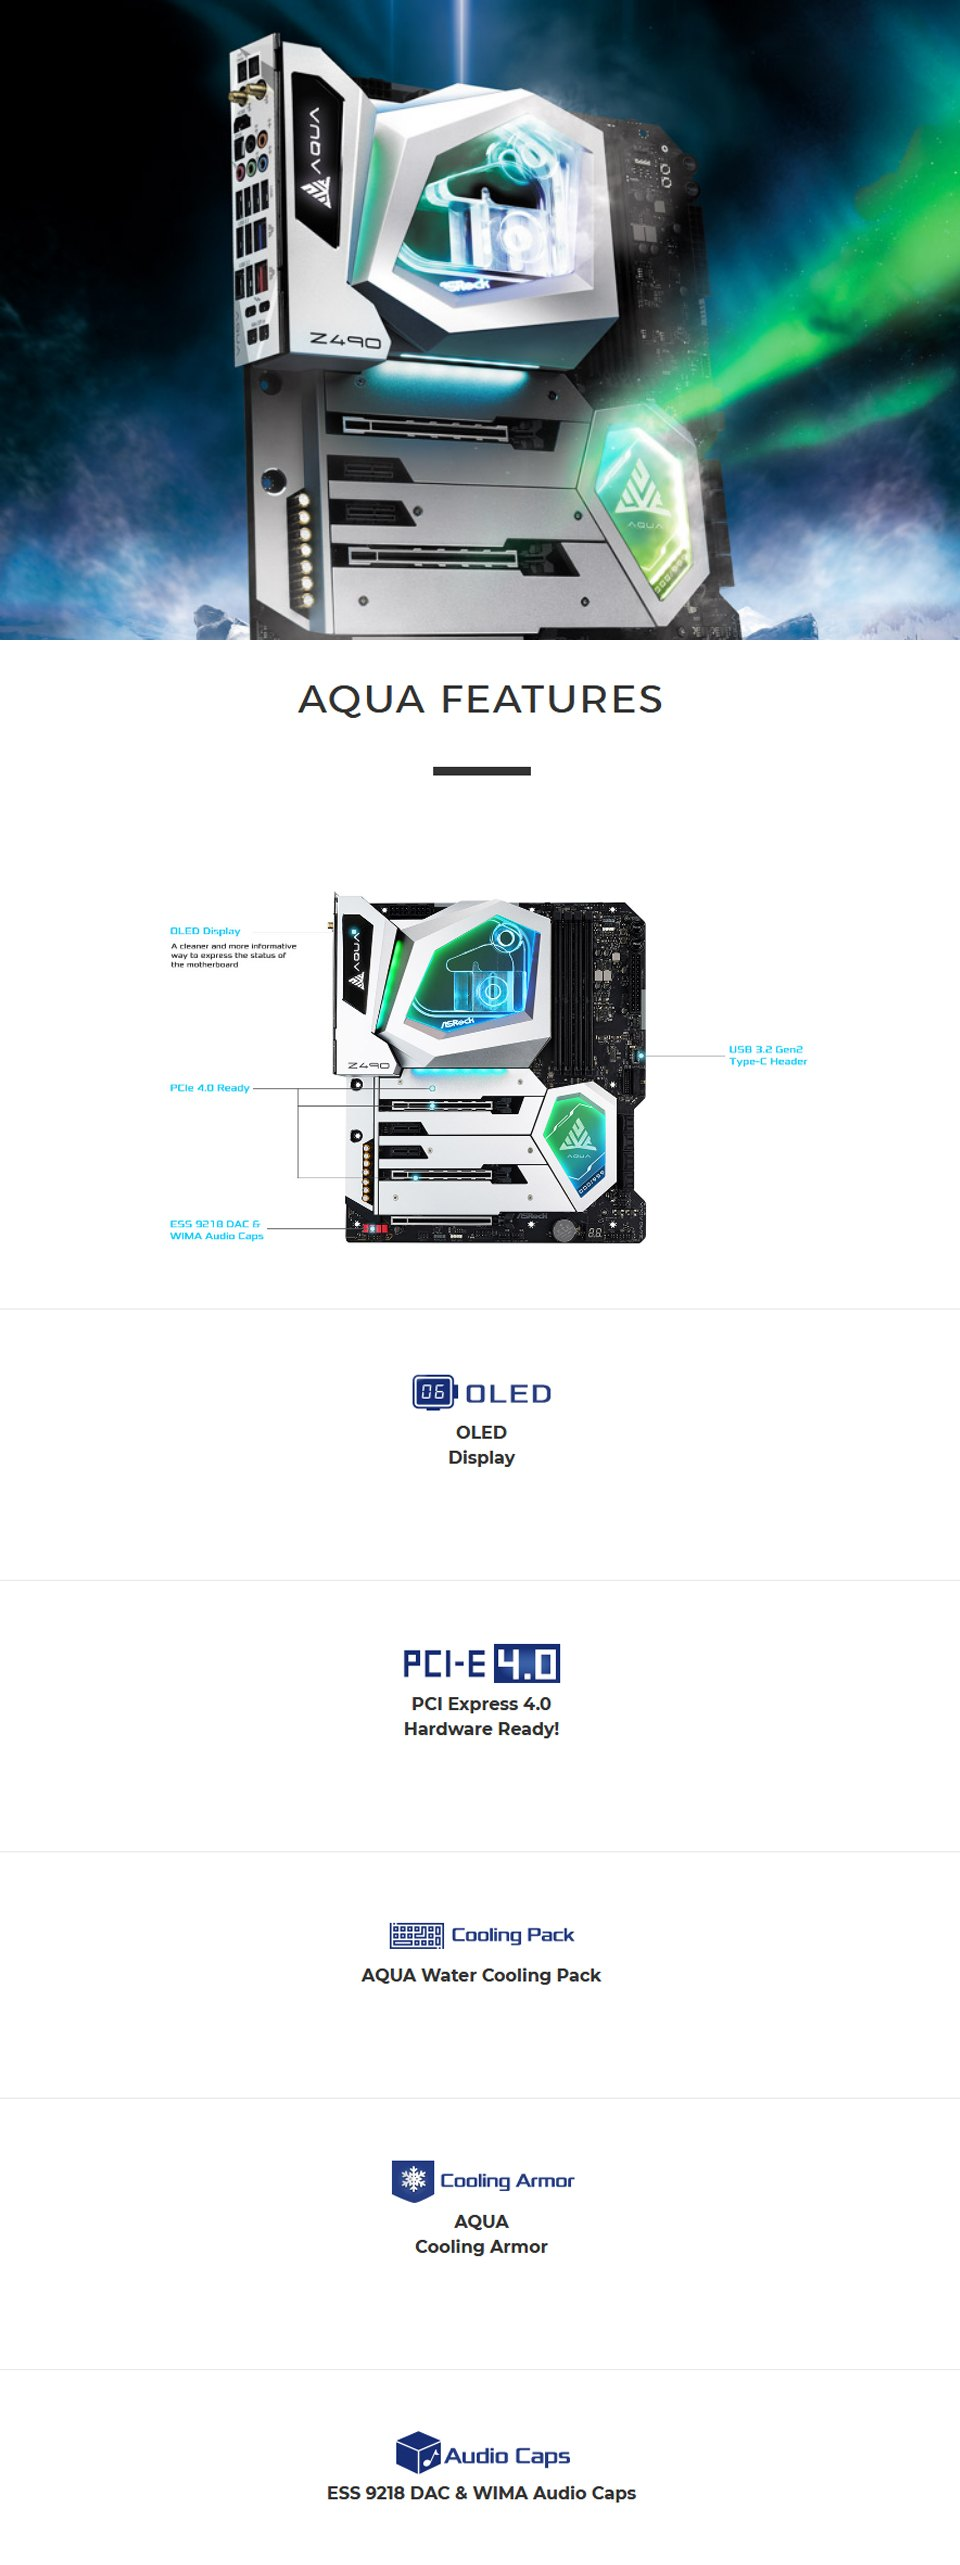 ASRock Z490 Aqua Motherboard features